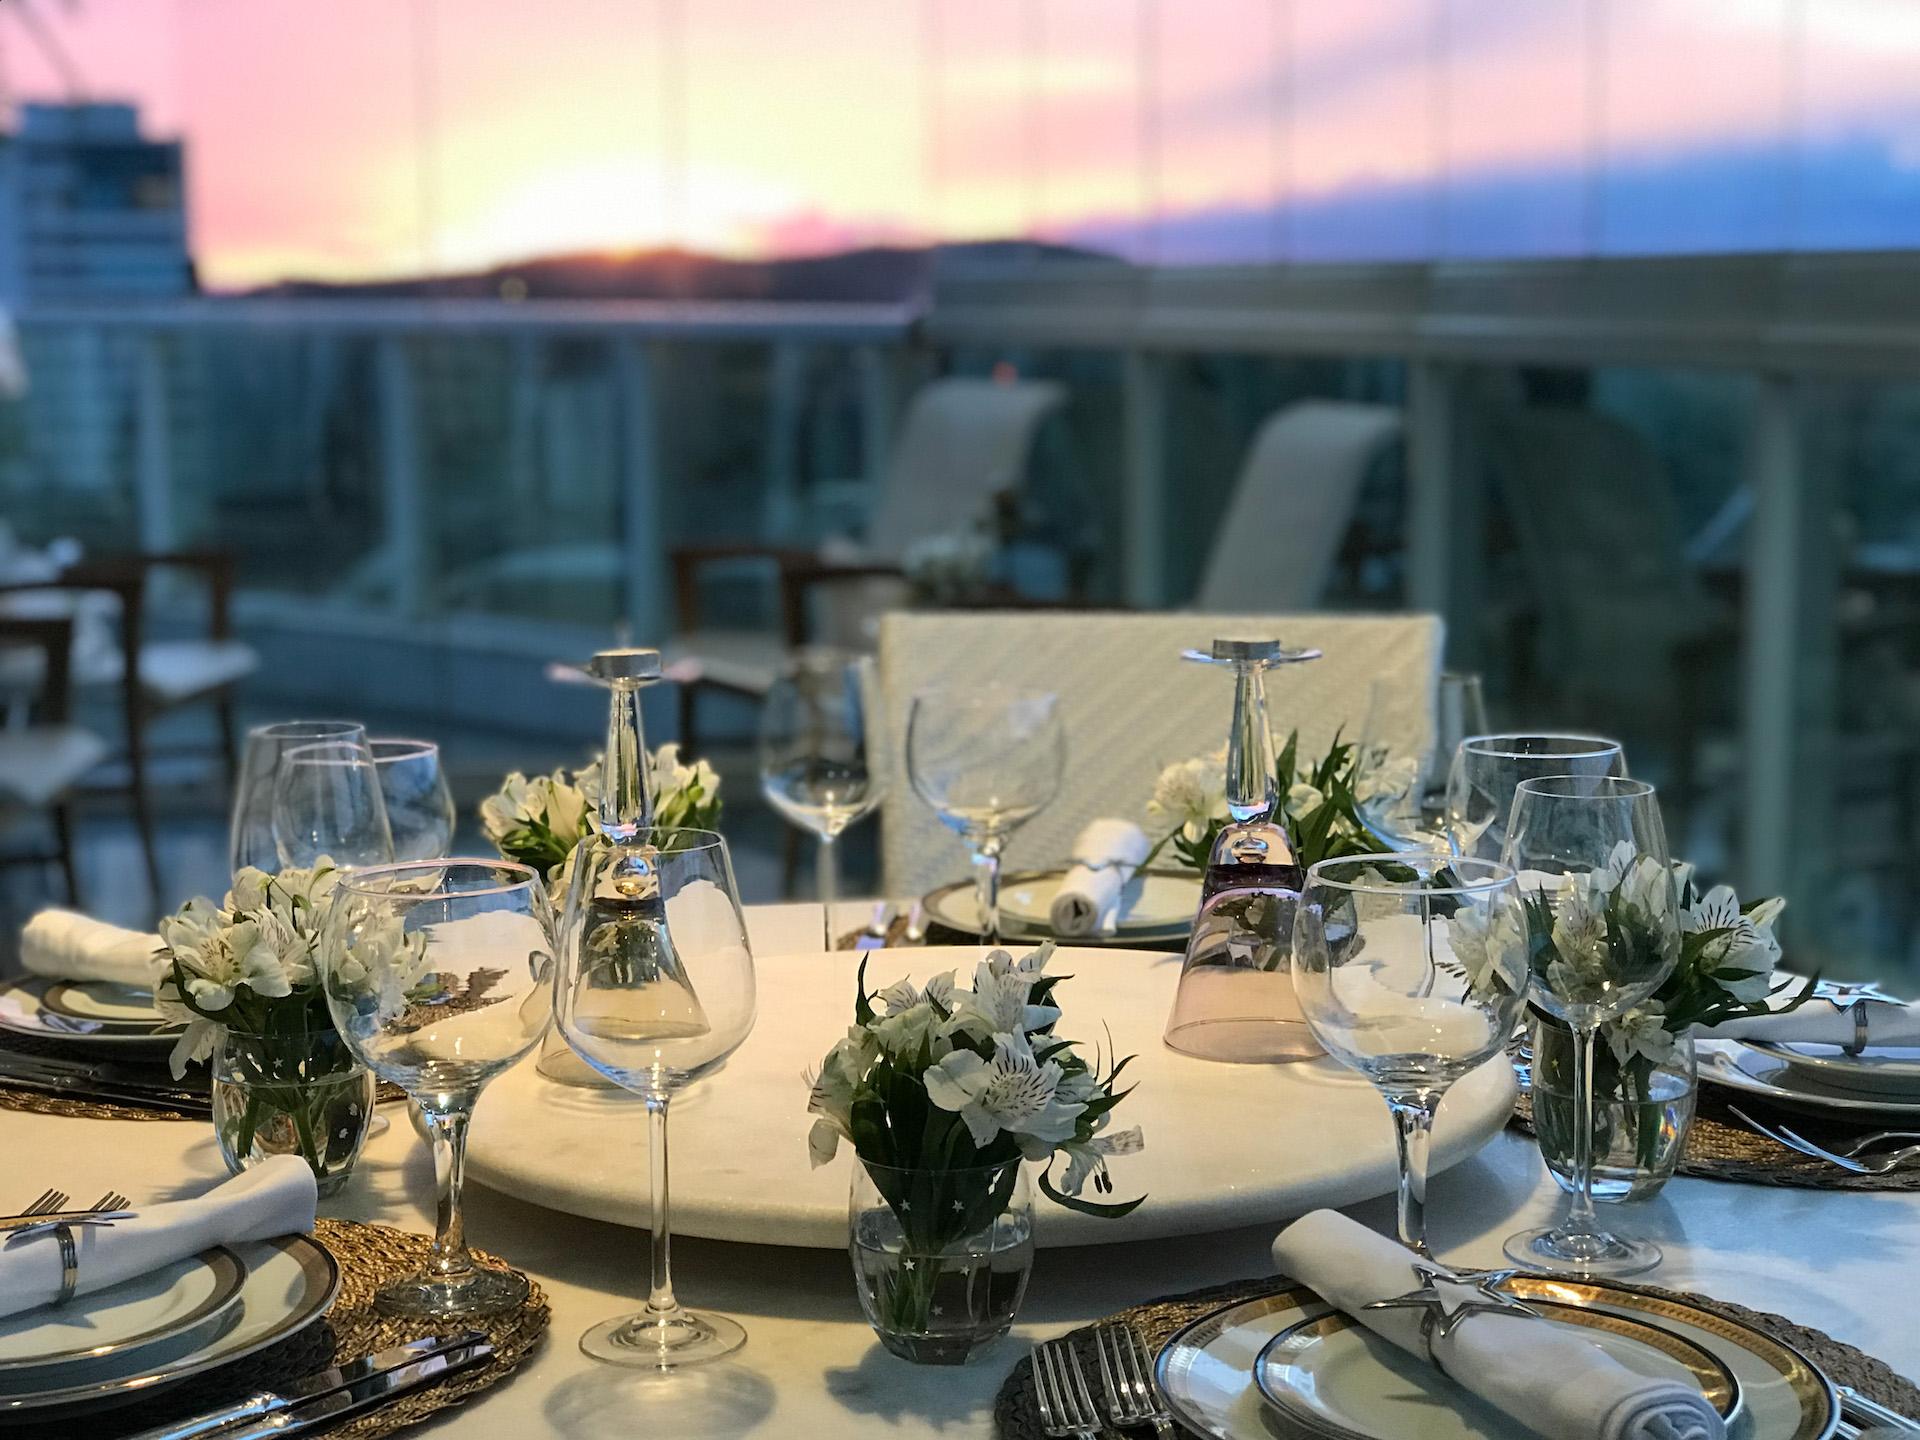 mesa posta reveillon jantar como organizar laina